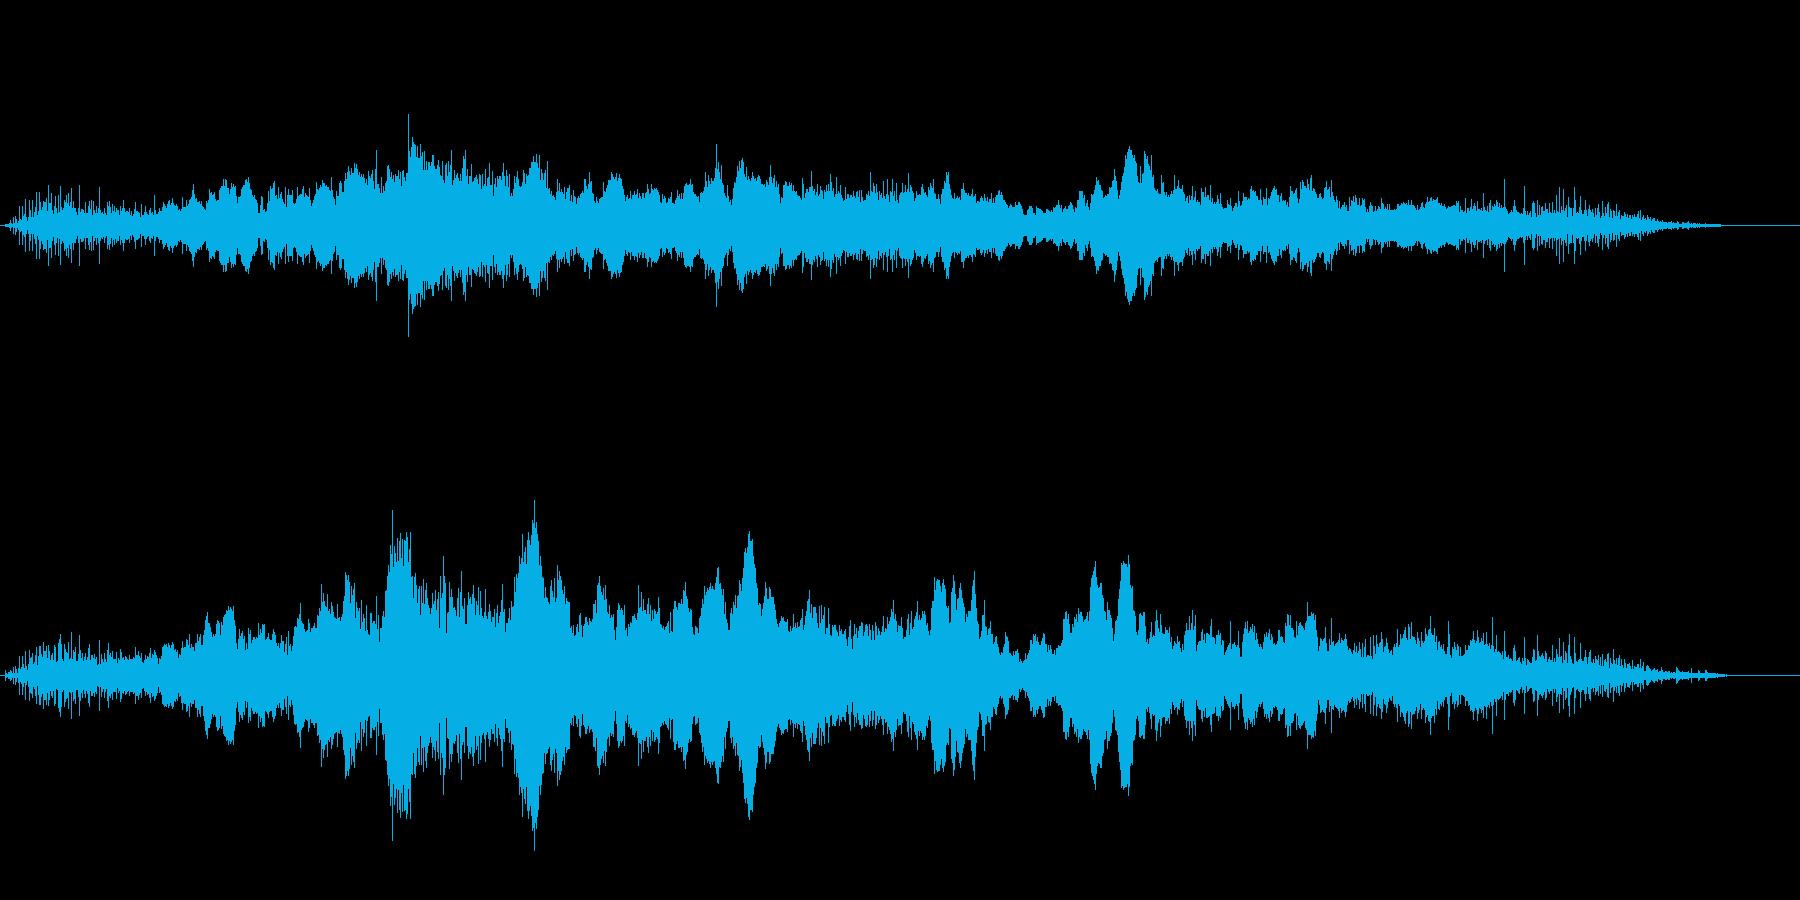 ガタガタと音を立てる不穏で神秘的な音風景の再生済みの波形